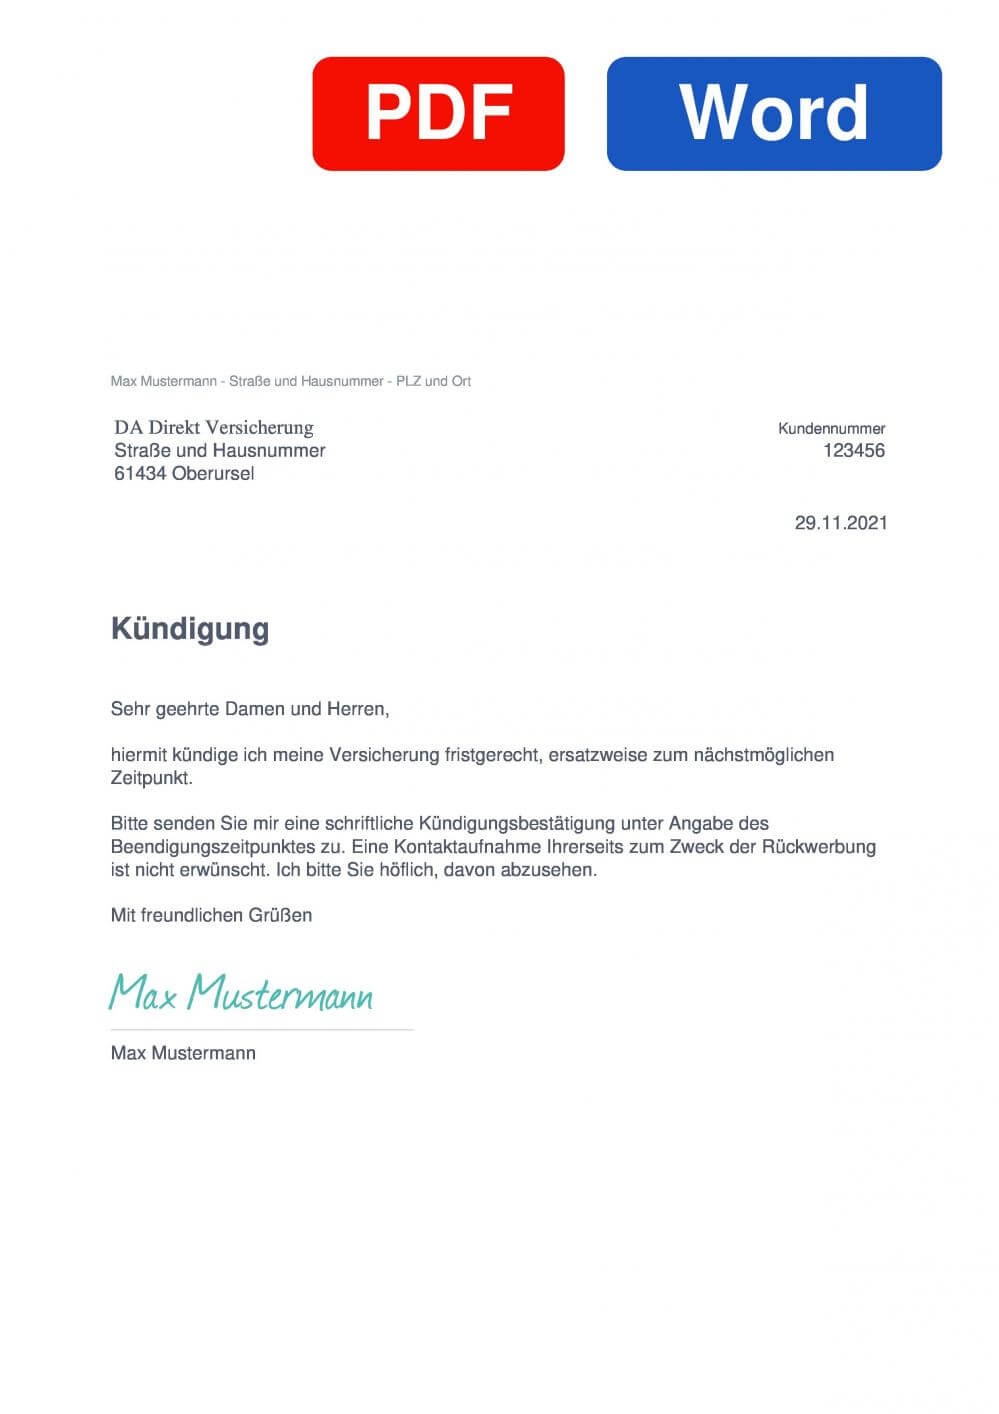 DA Deutsche Allgemeine Versicherung Haftpflichtversicherung Muster Vorlage für Kündigungsschreiben